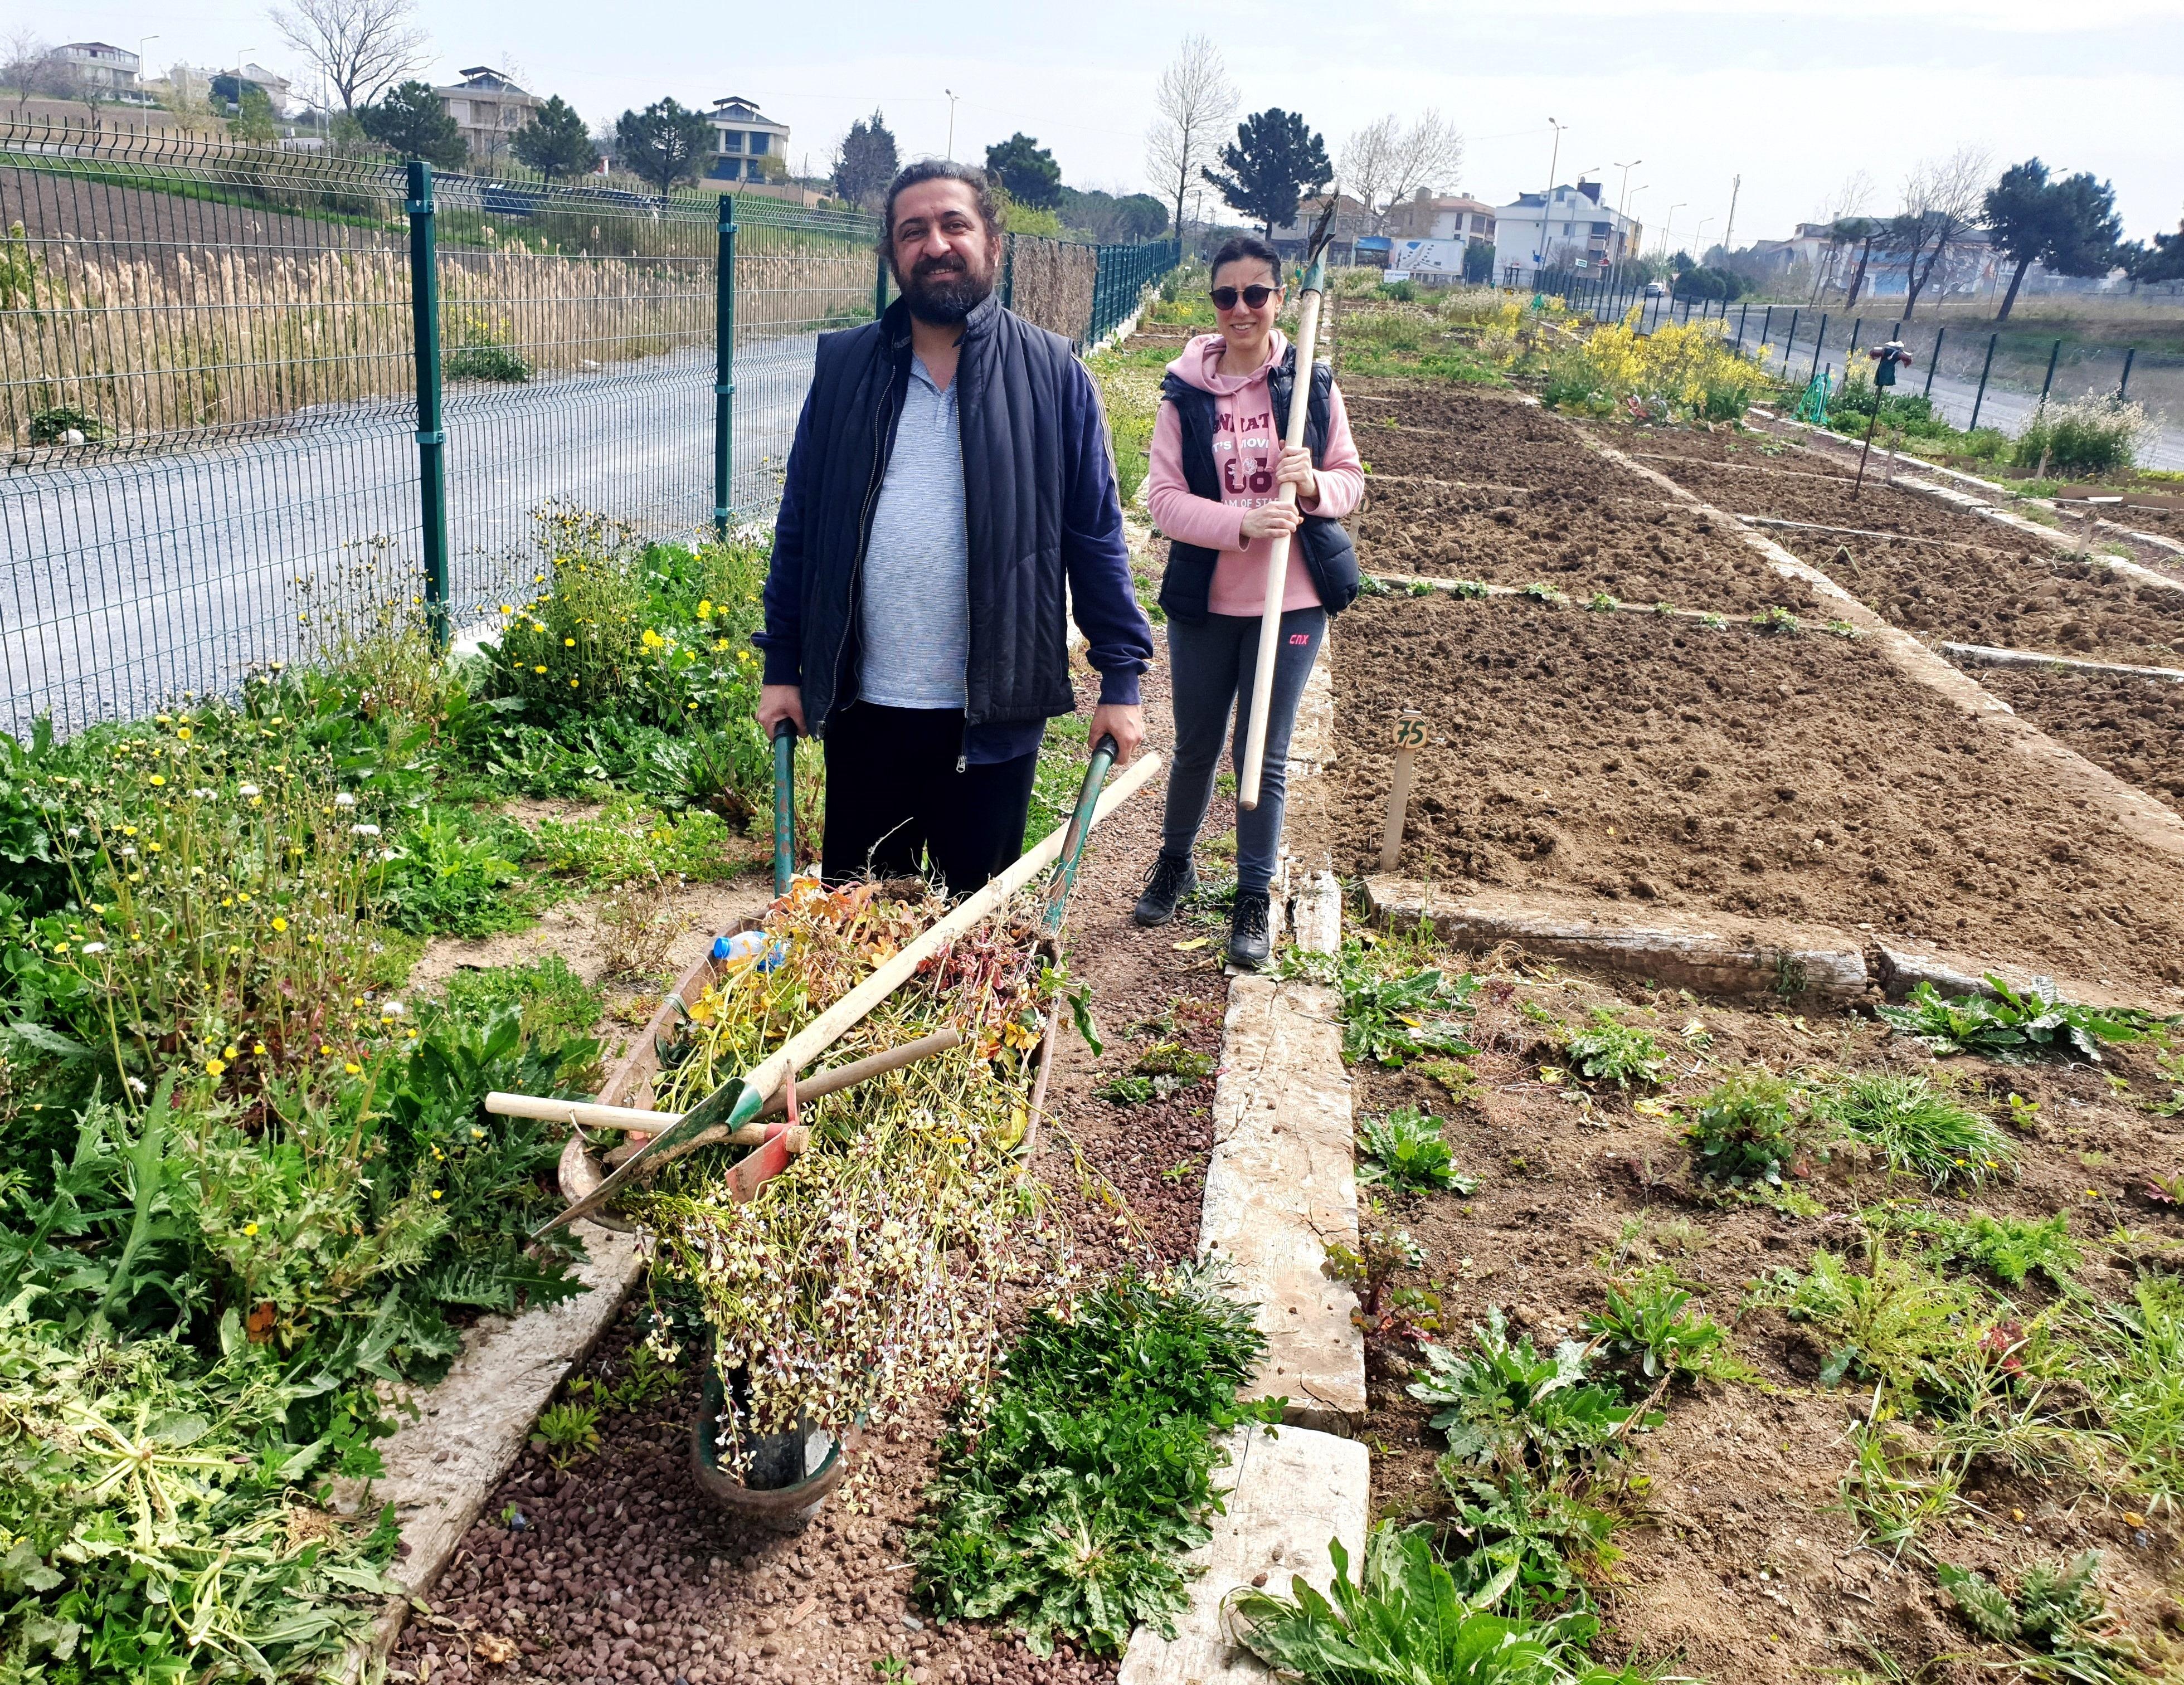 Hobi bahçelerinin yeni gönüllüleri çalışmaya başladı